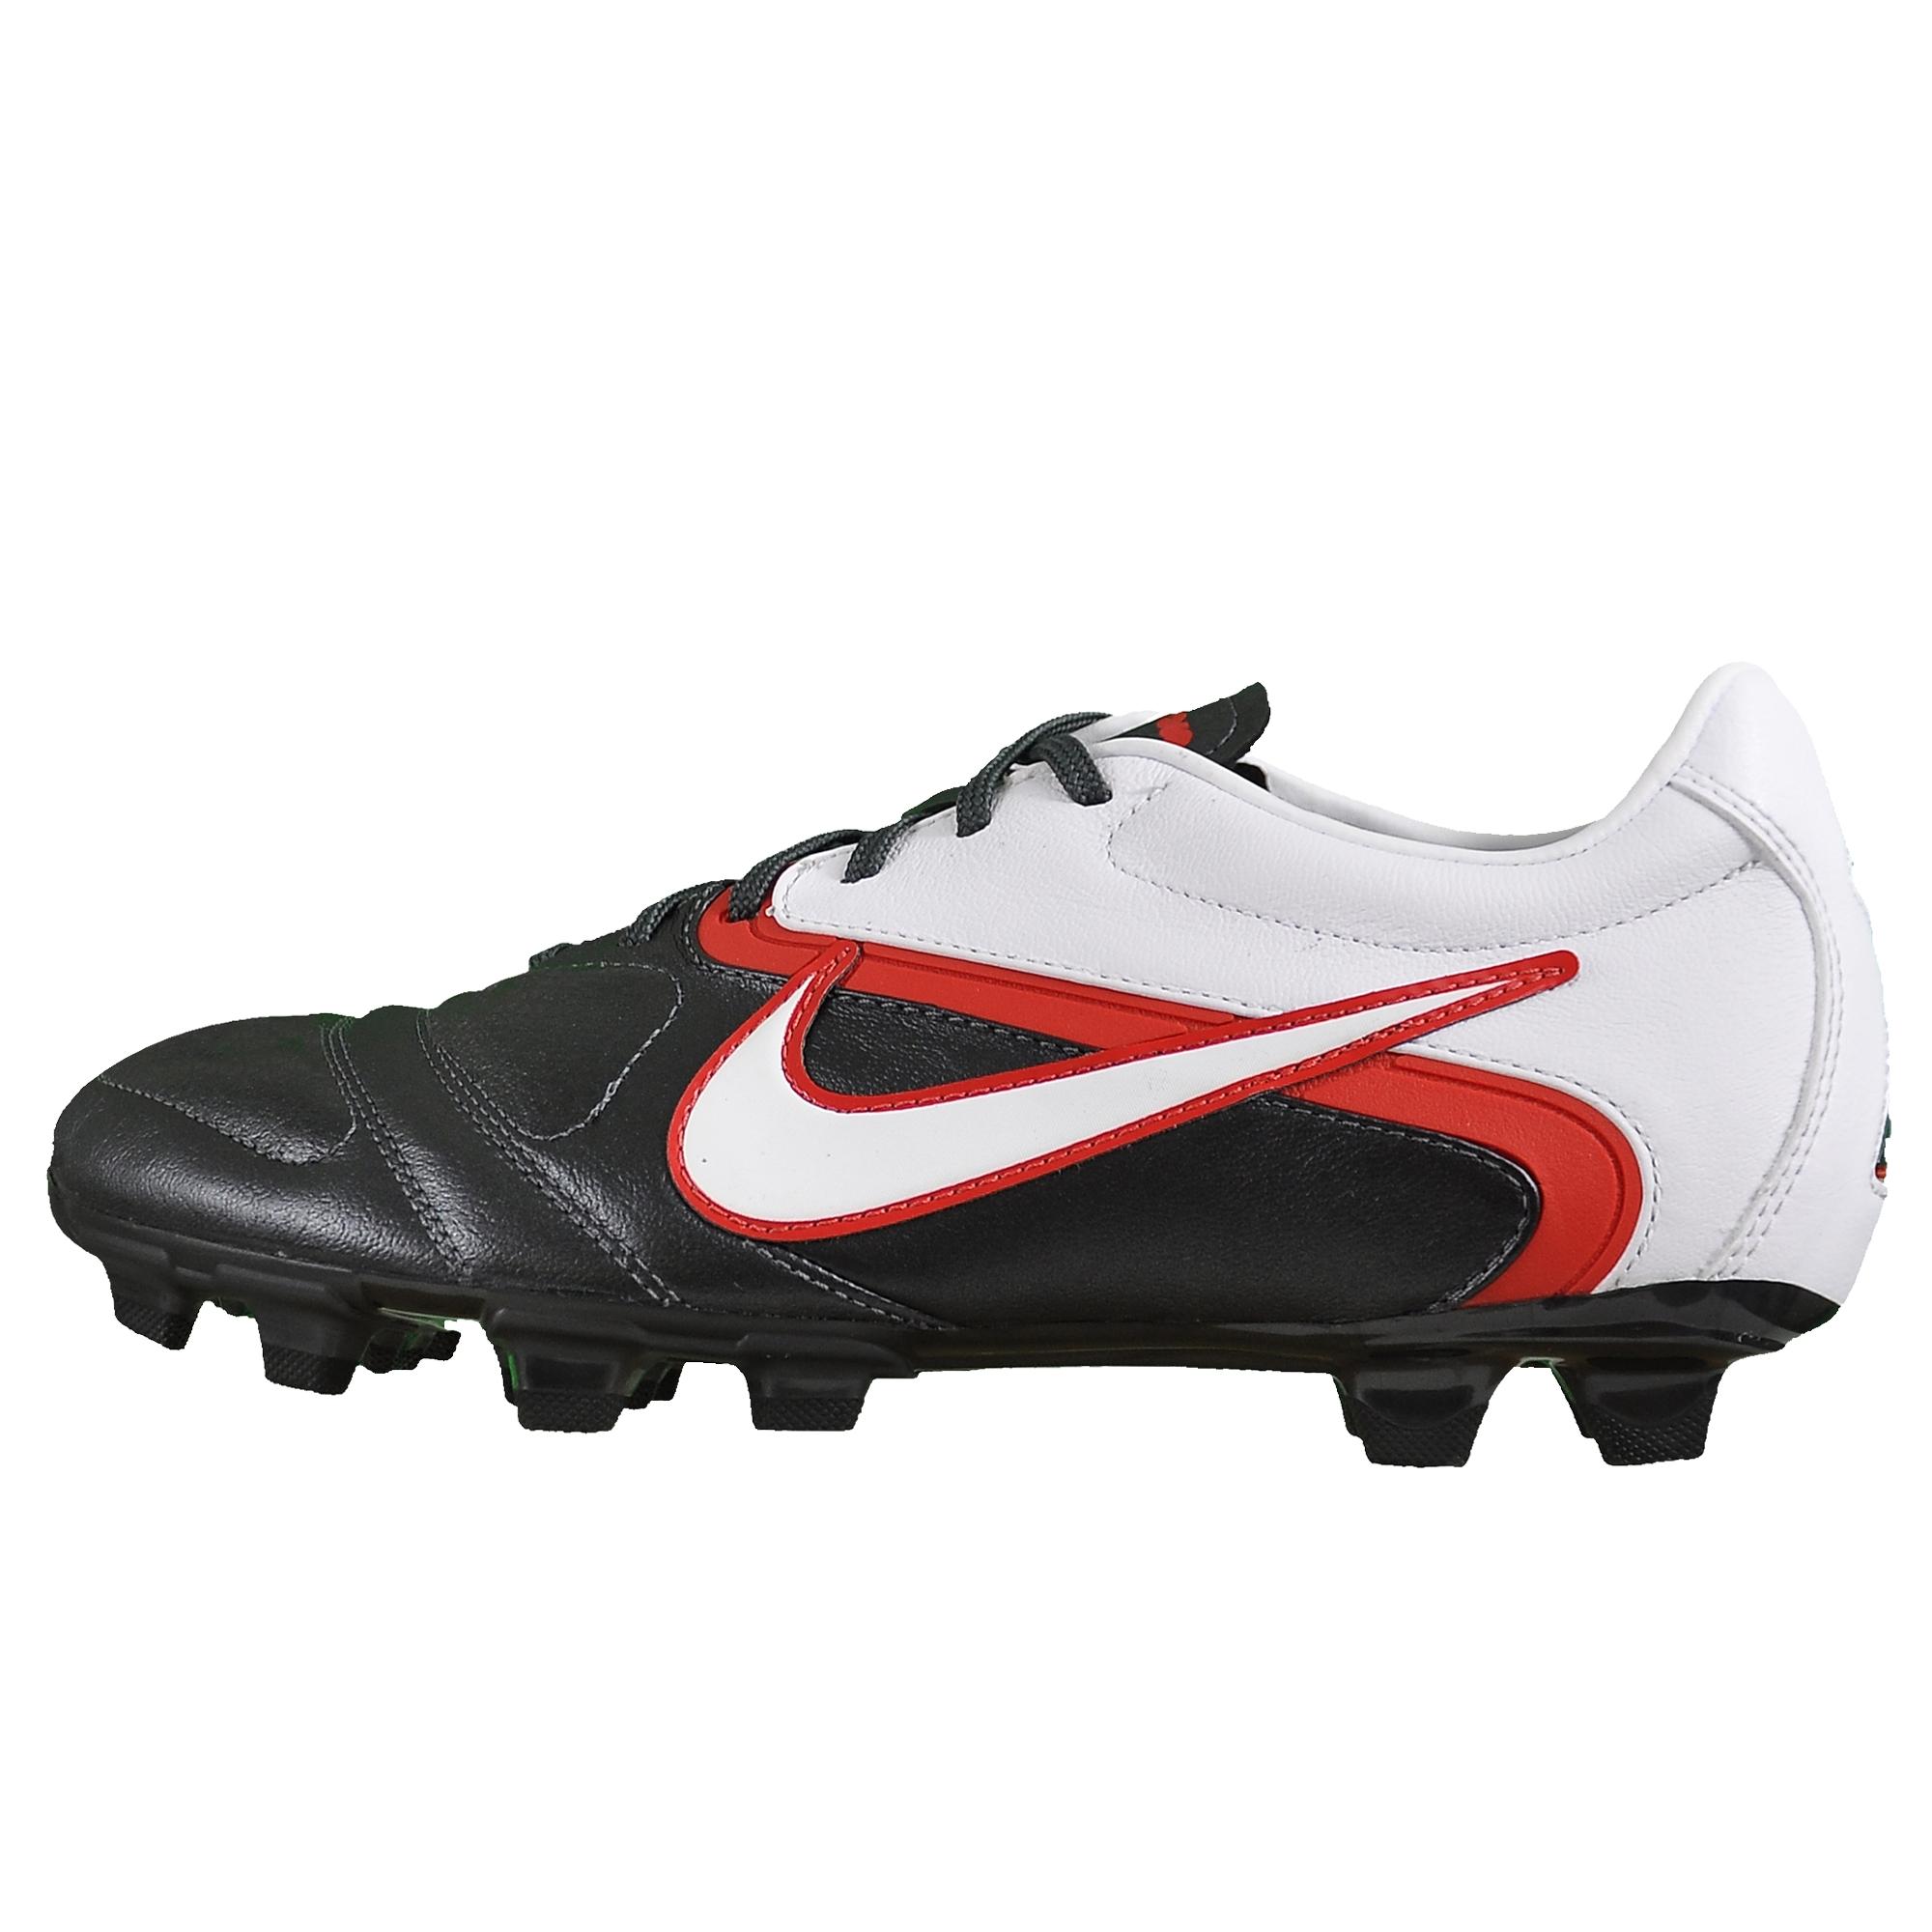 pretty nice 28c36 29742 Nike Ctr360 Libretto II Fg Krampon